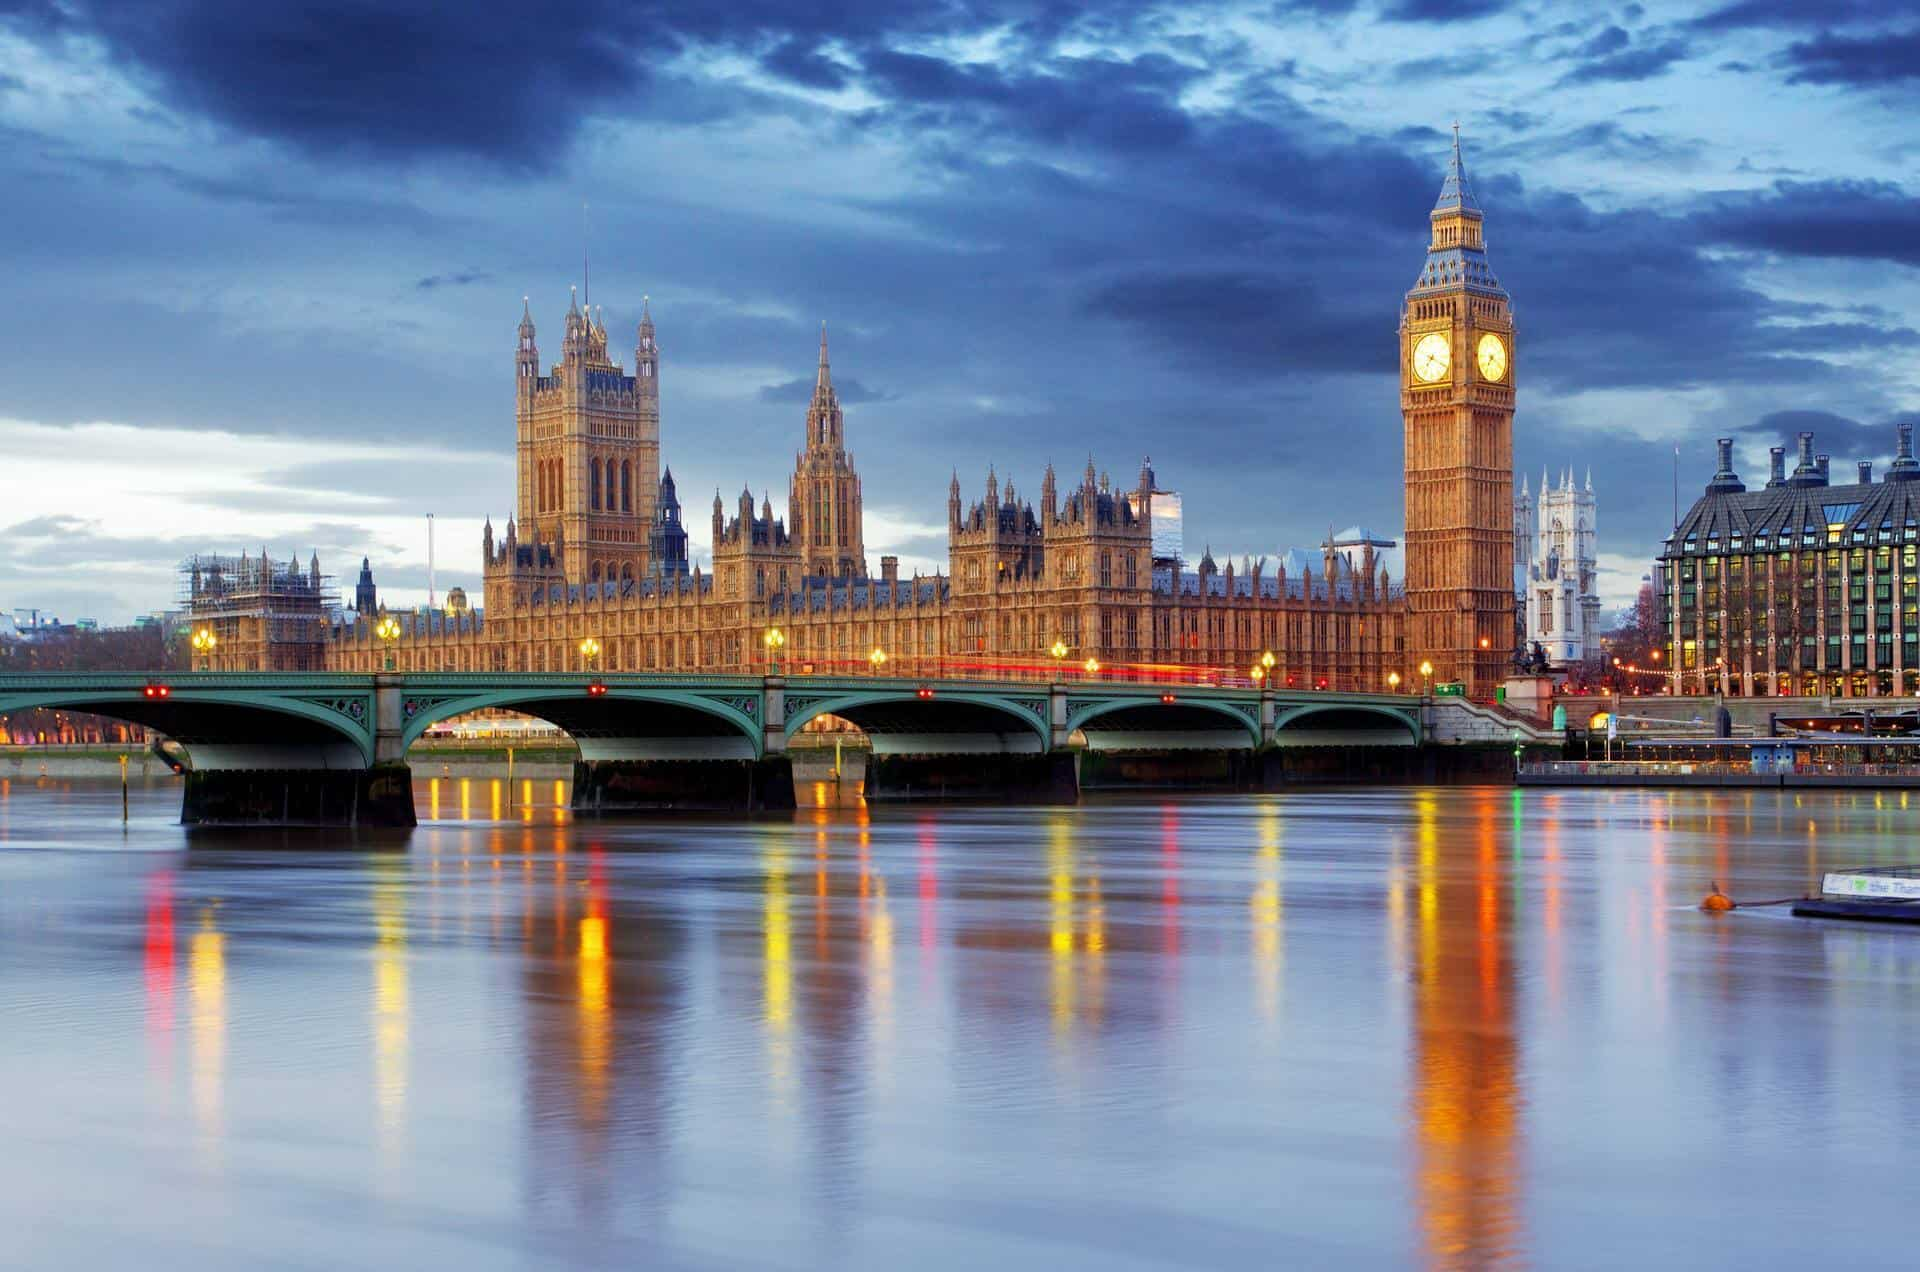 افضل وقت للسفر إلى لندن بريطانيا